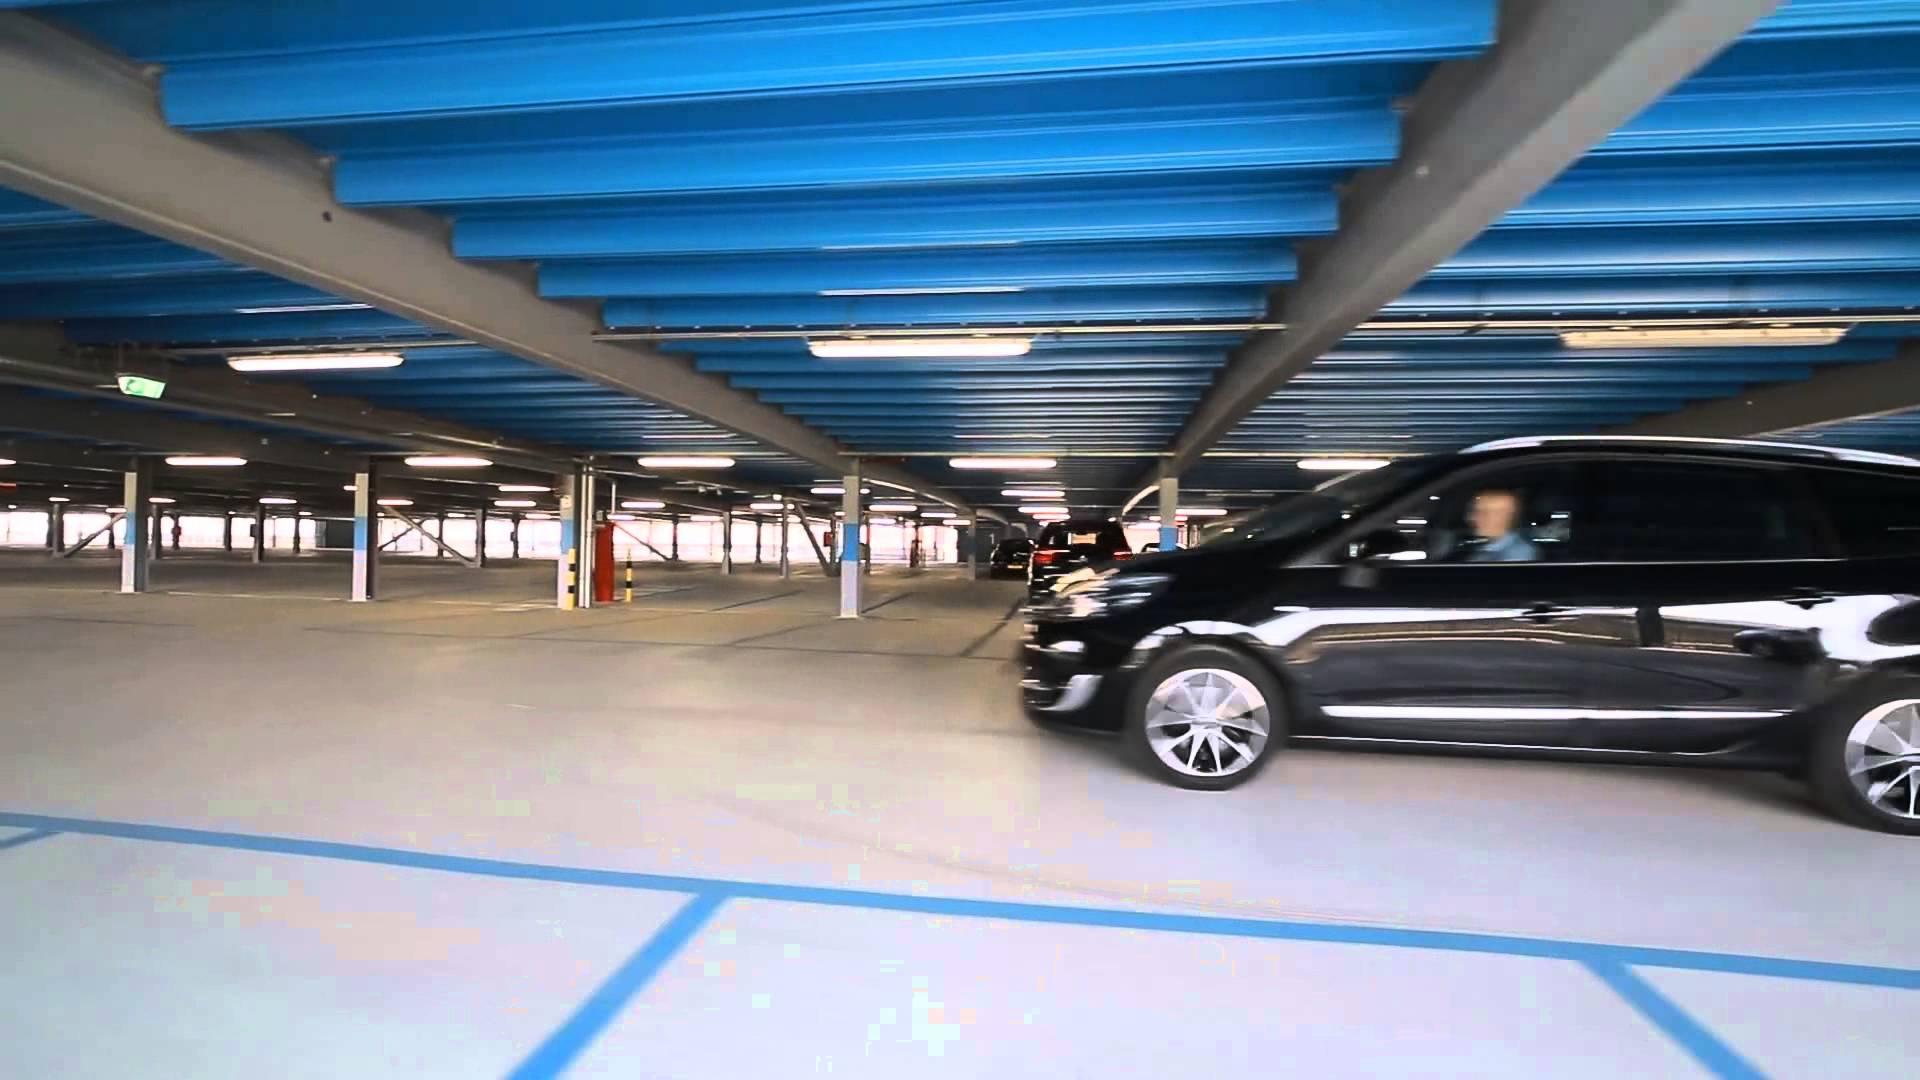 individuelle Parkhäuser